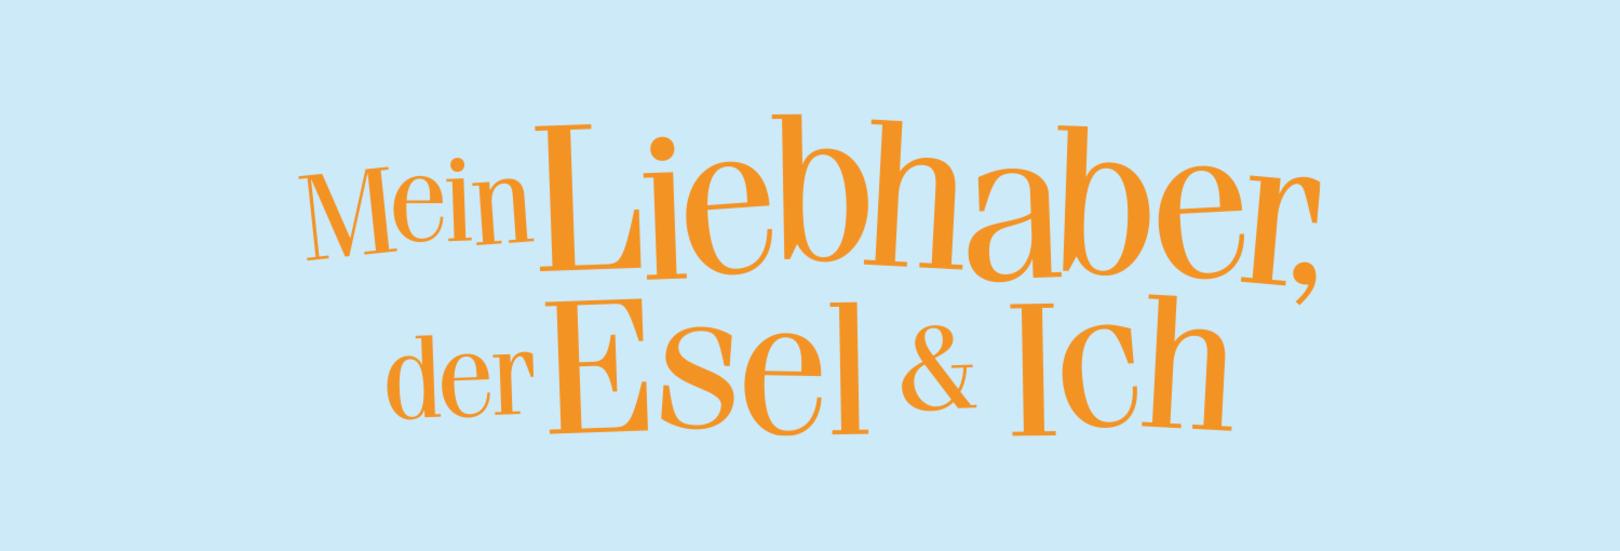 MEIN LIEBHABER, DER ESEL & ICH